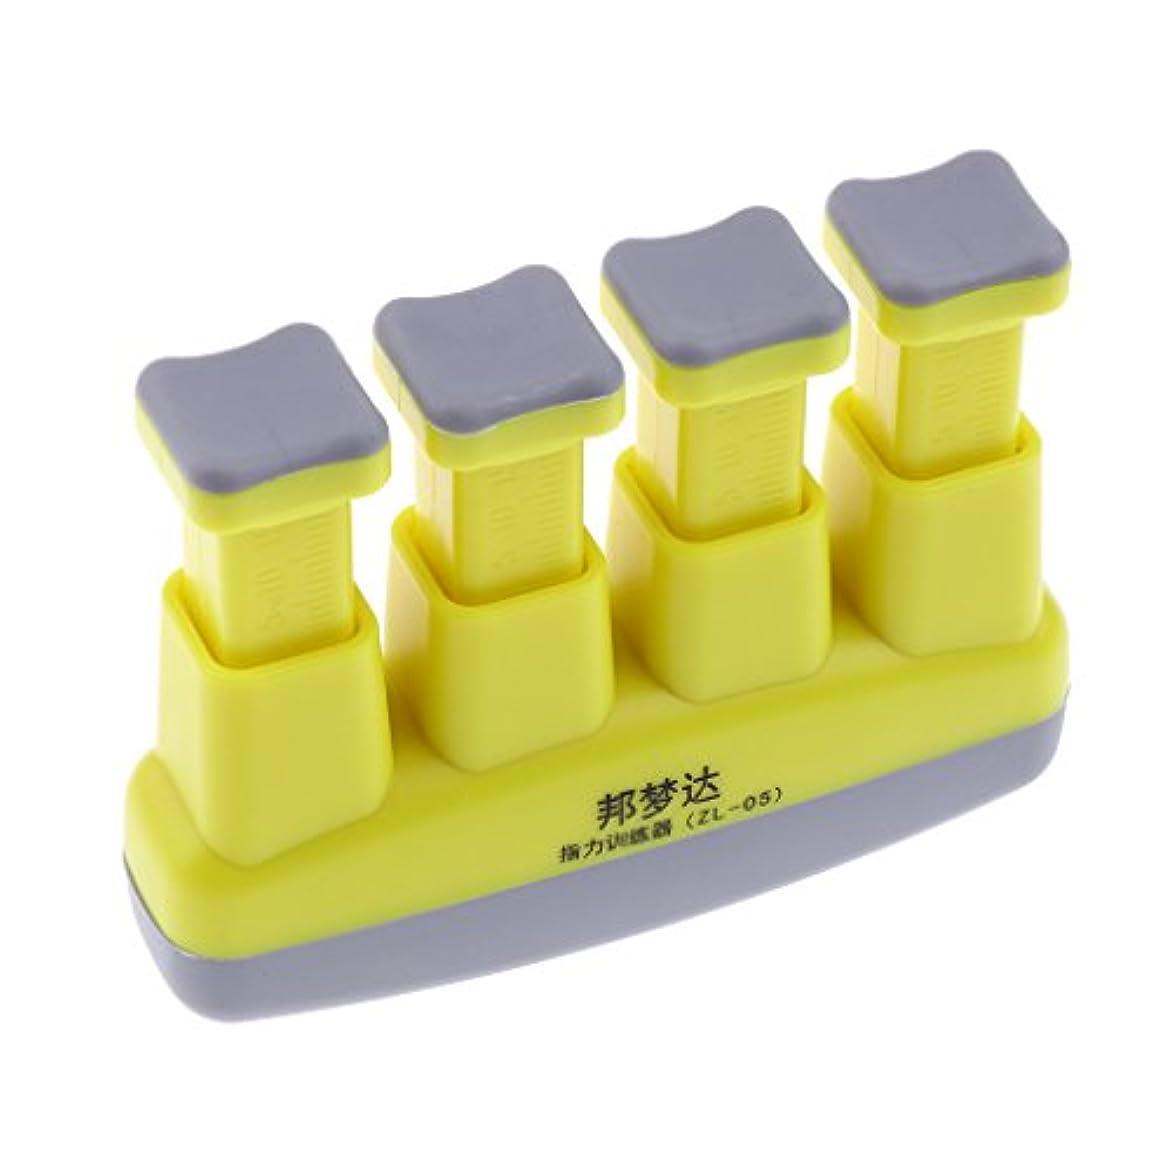 メーターブラウザ挑発するFenteer ハンドグリップ エクササイザ 4-6ポンド 調節可 ハンドトレーニング グリッパー 黄色